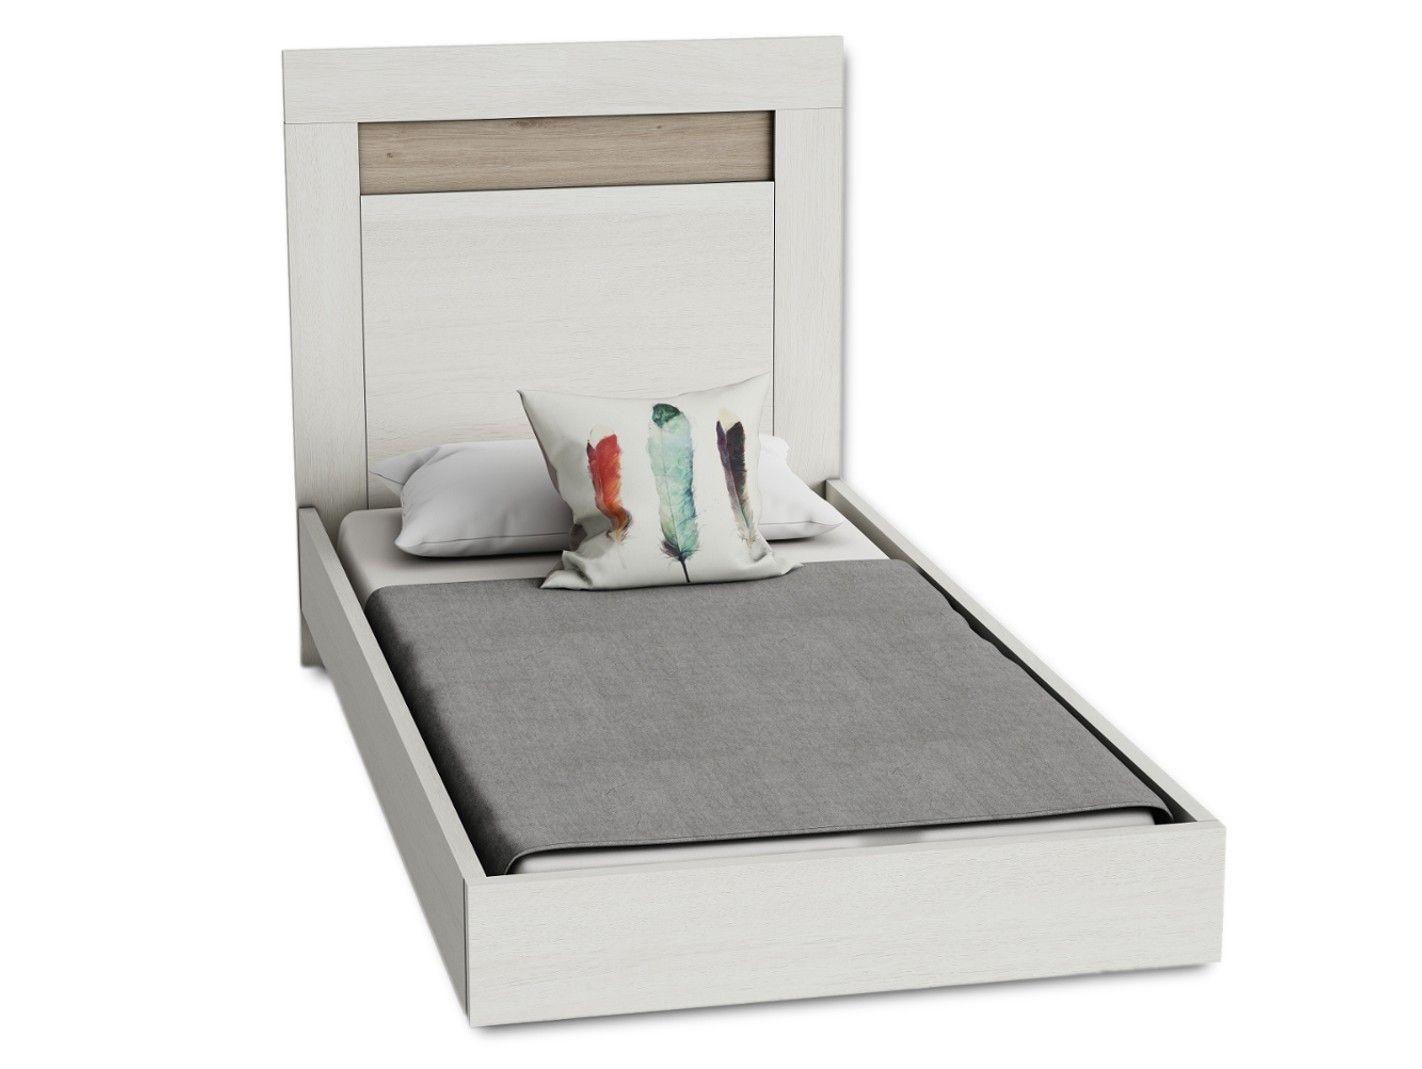 Sof con mecanismos modelo zaragoza - Mecanismos para sofas ...